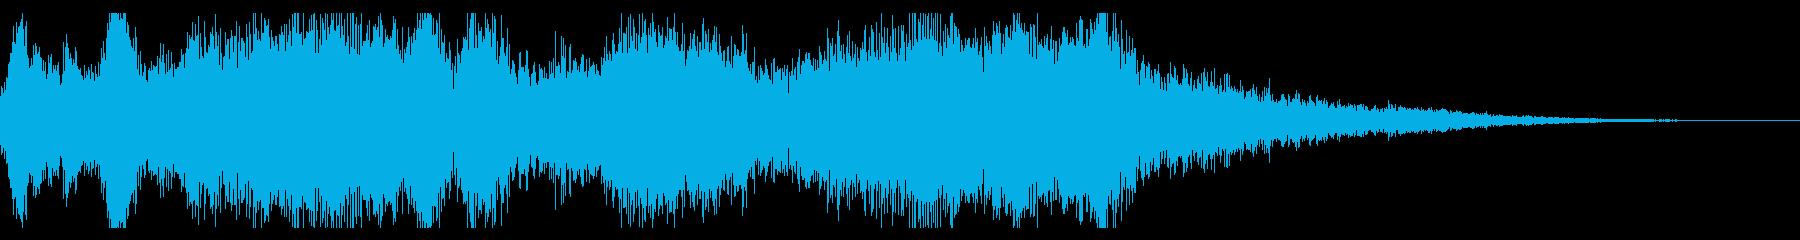 結婚式風ファンファーレの再生済みの波形